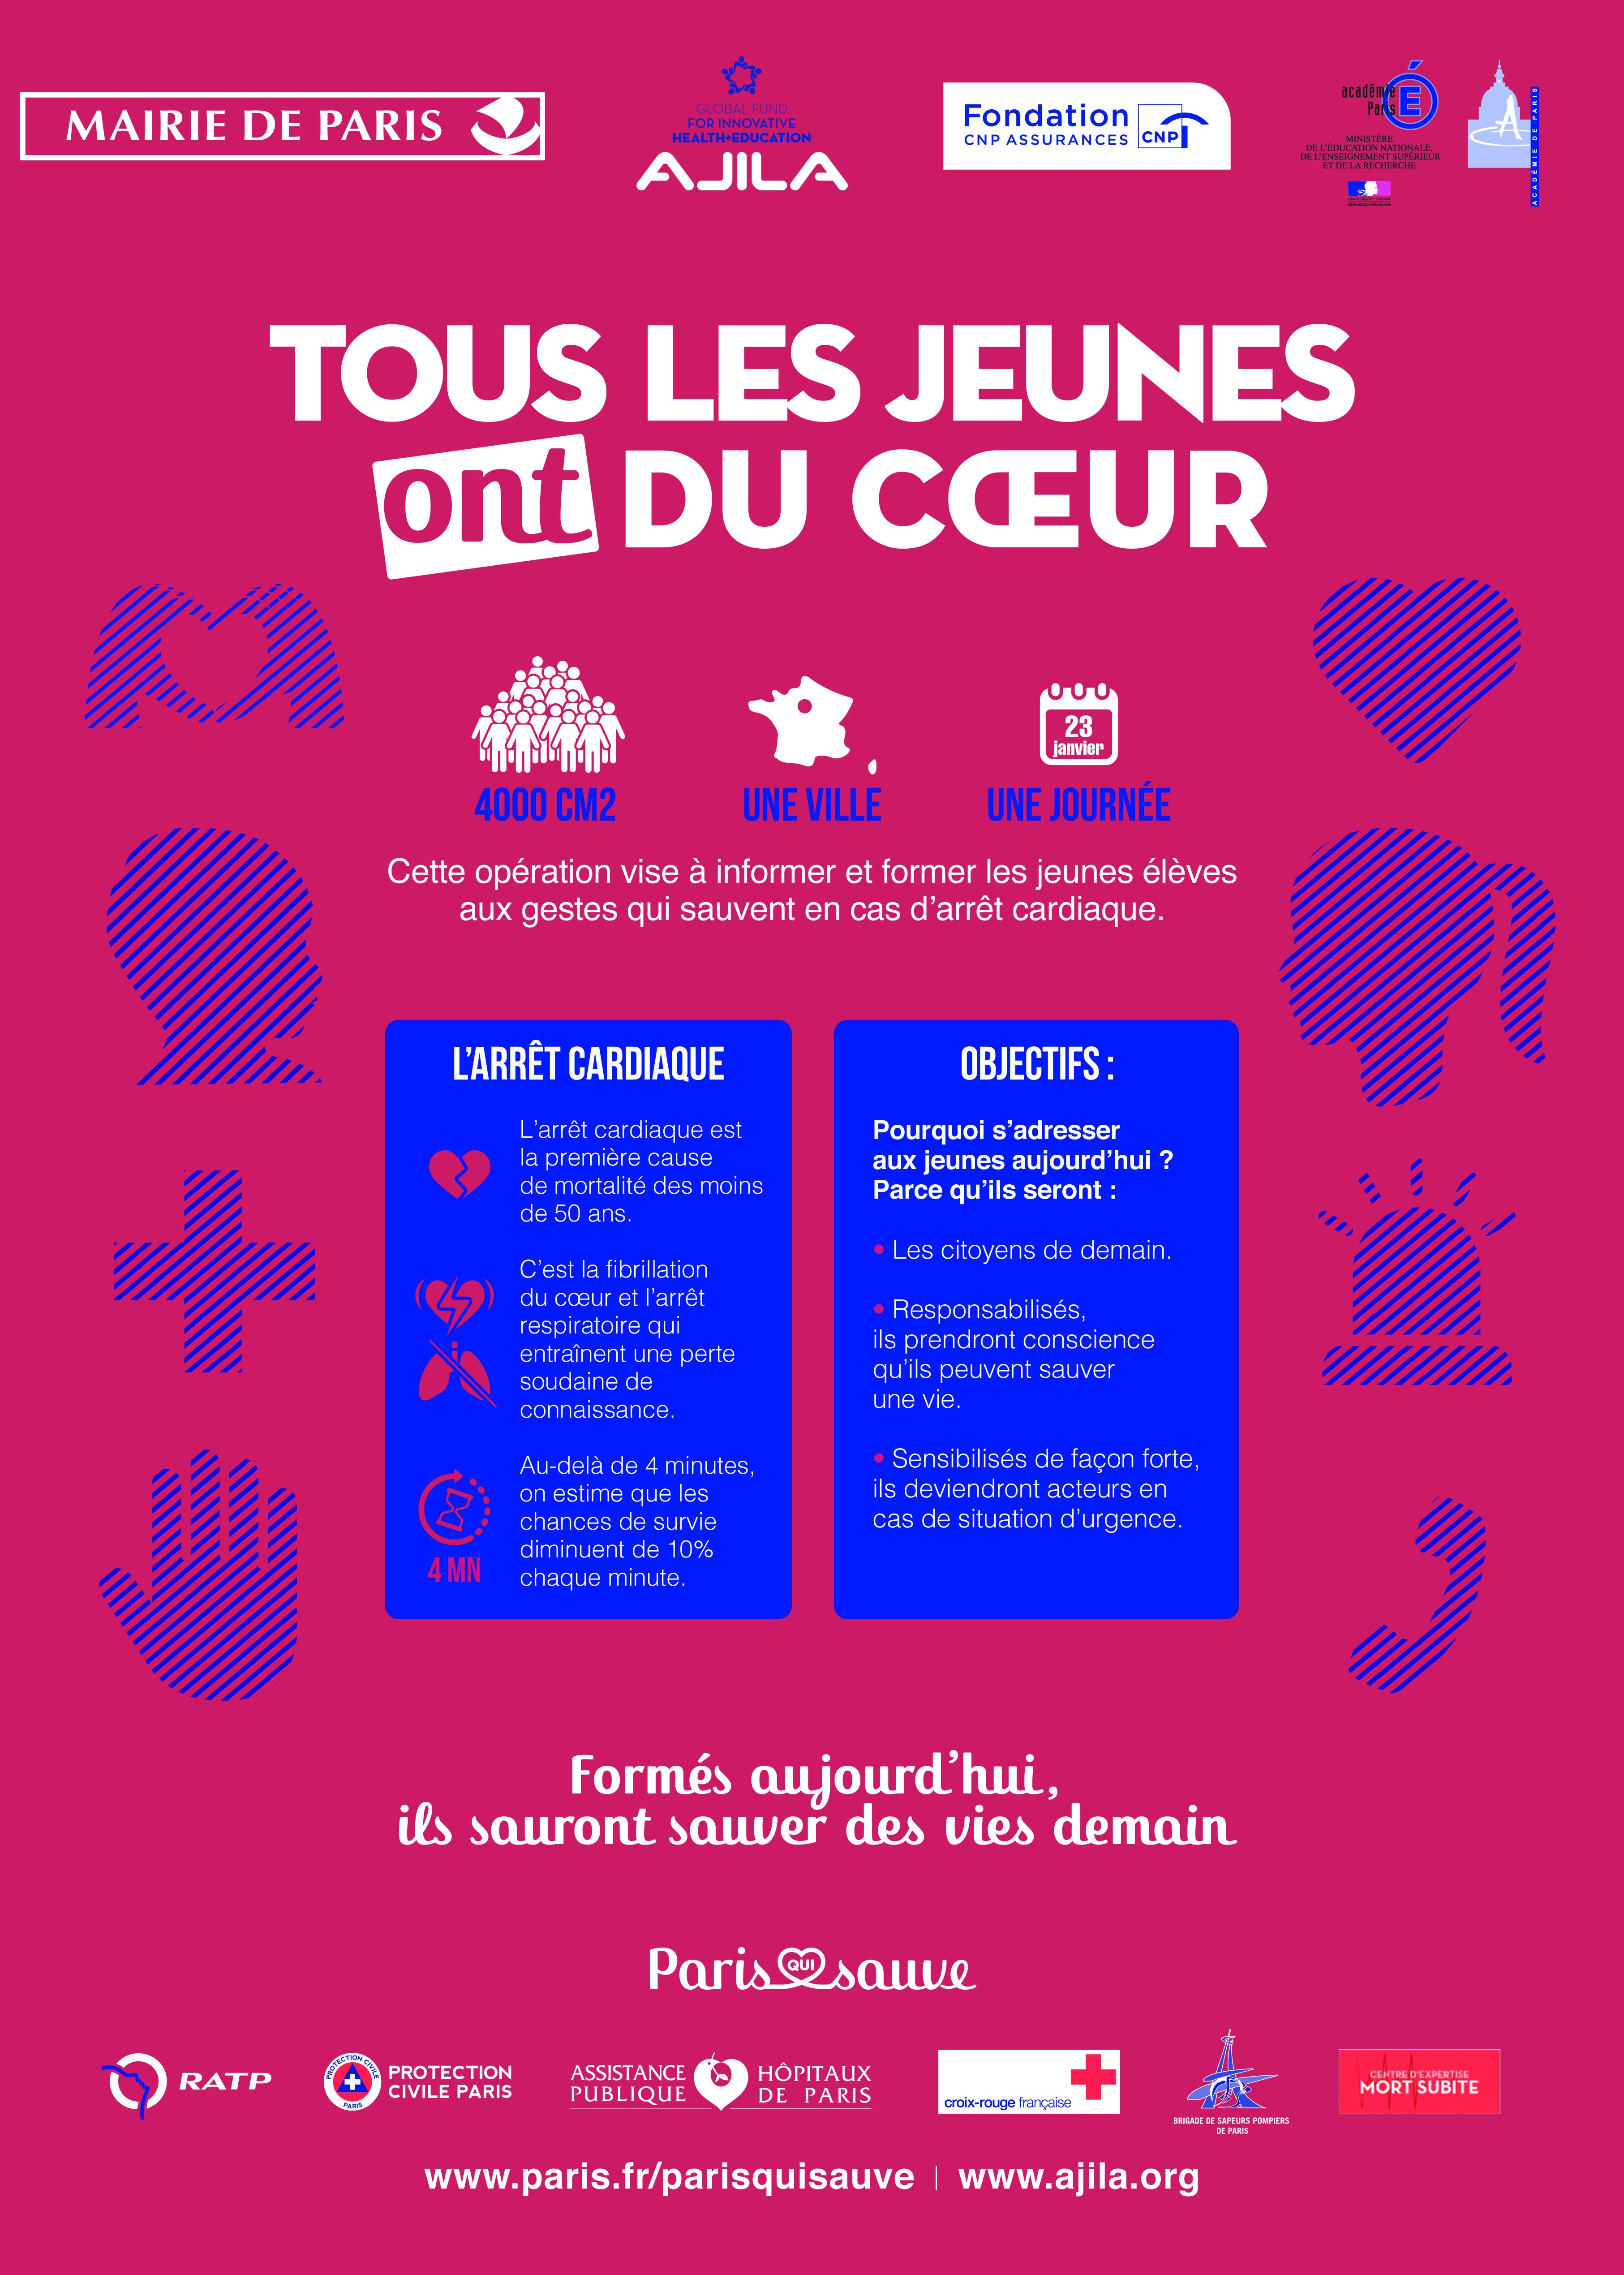 tous les jeunes ont du cœur-mairie de paris_AJILA